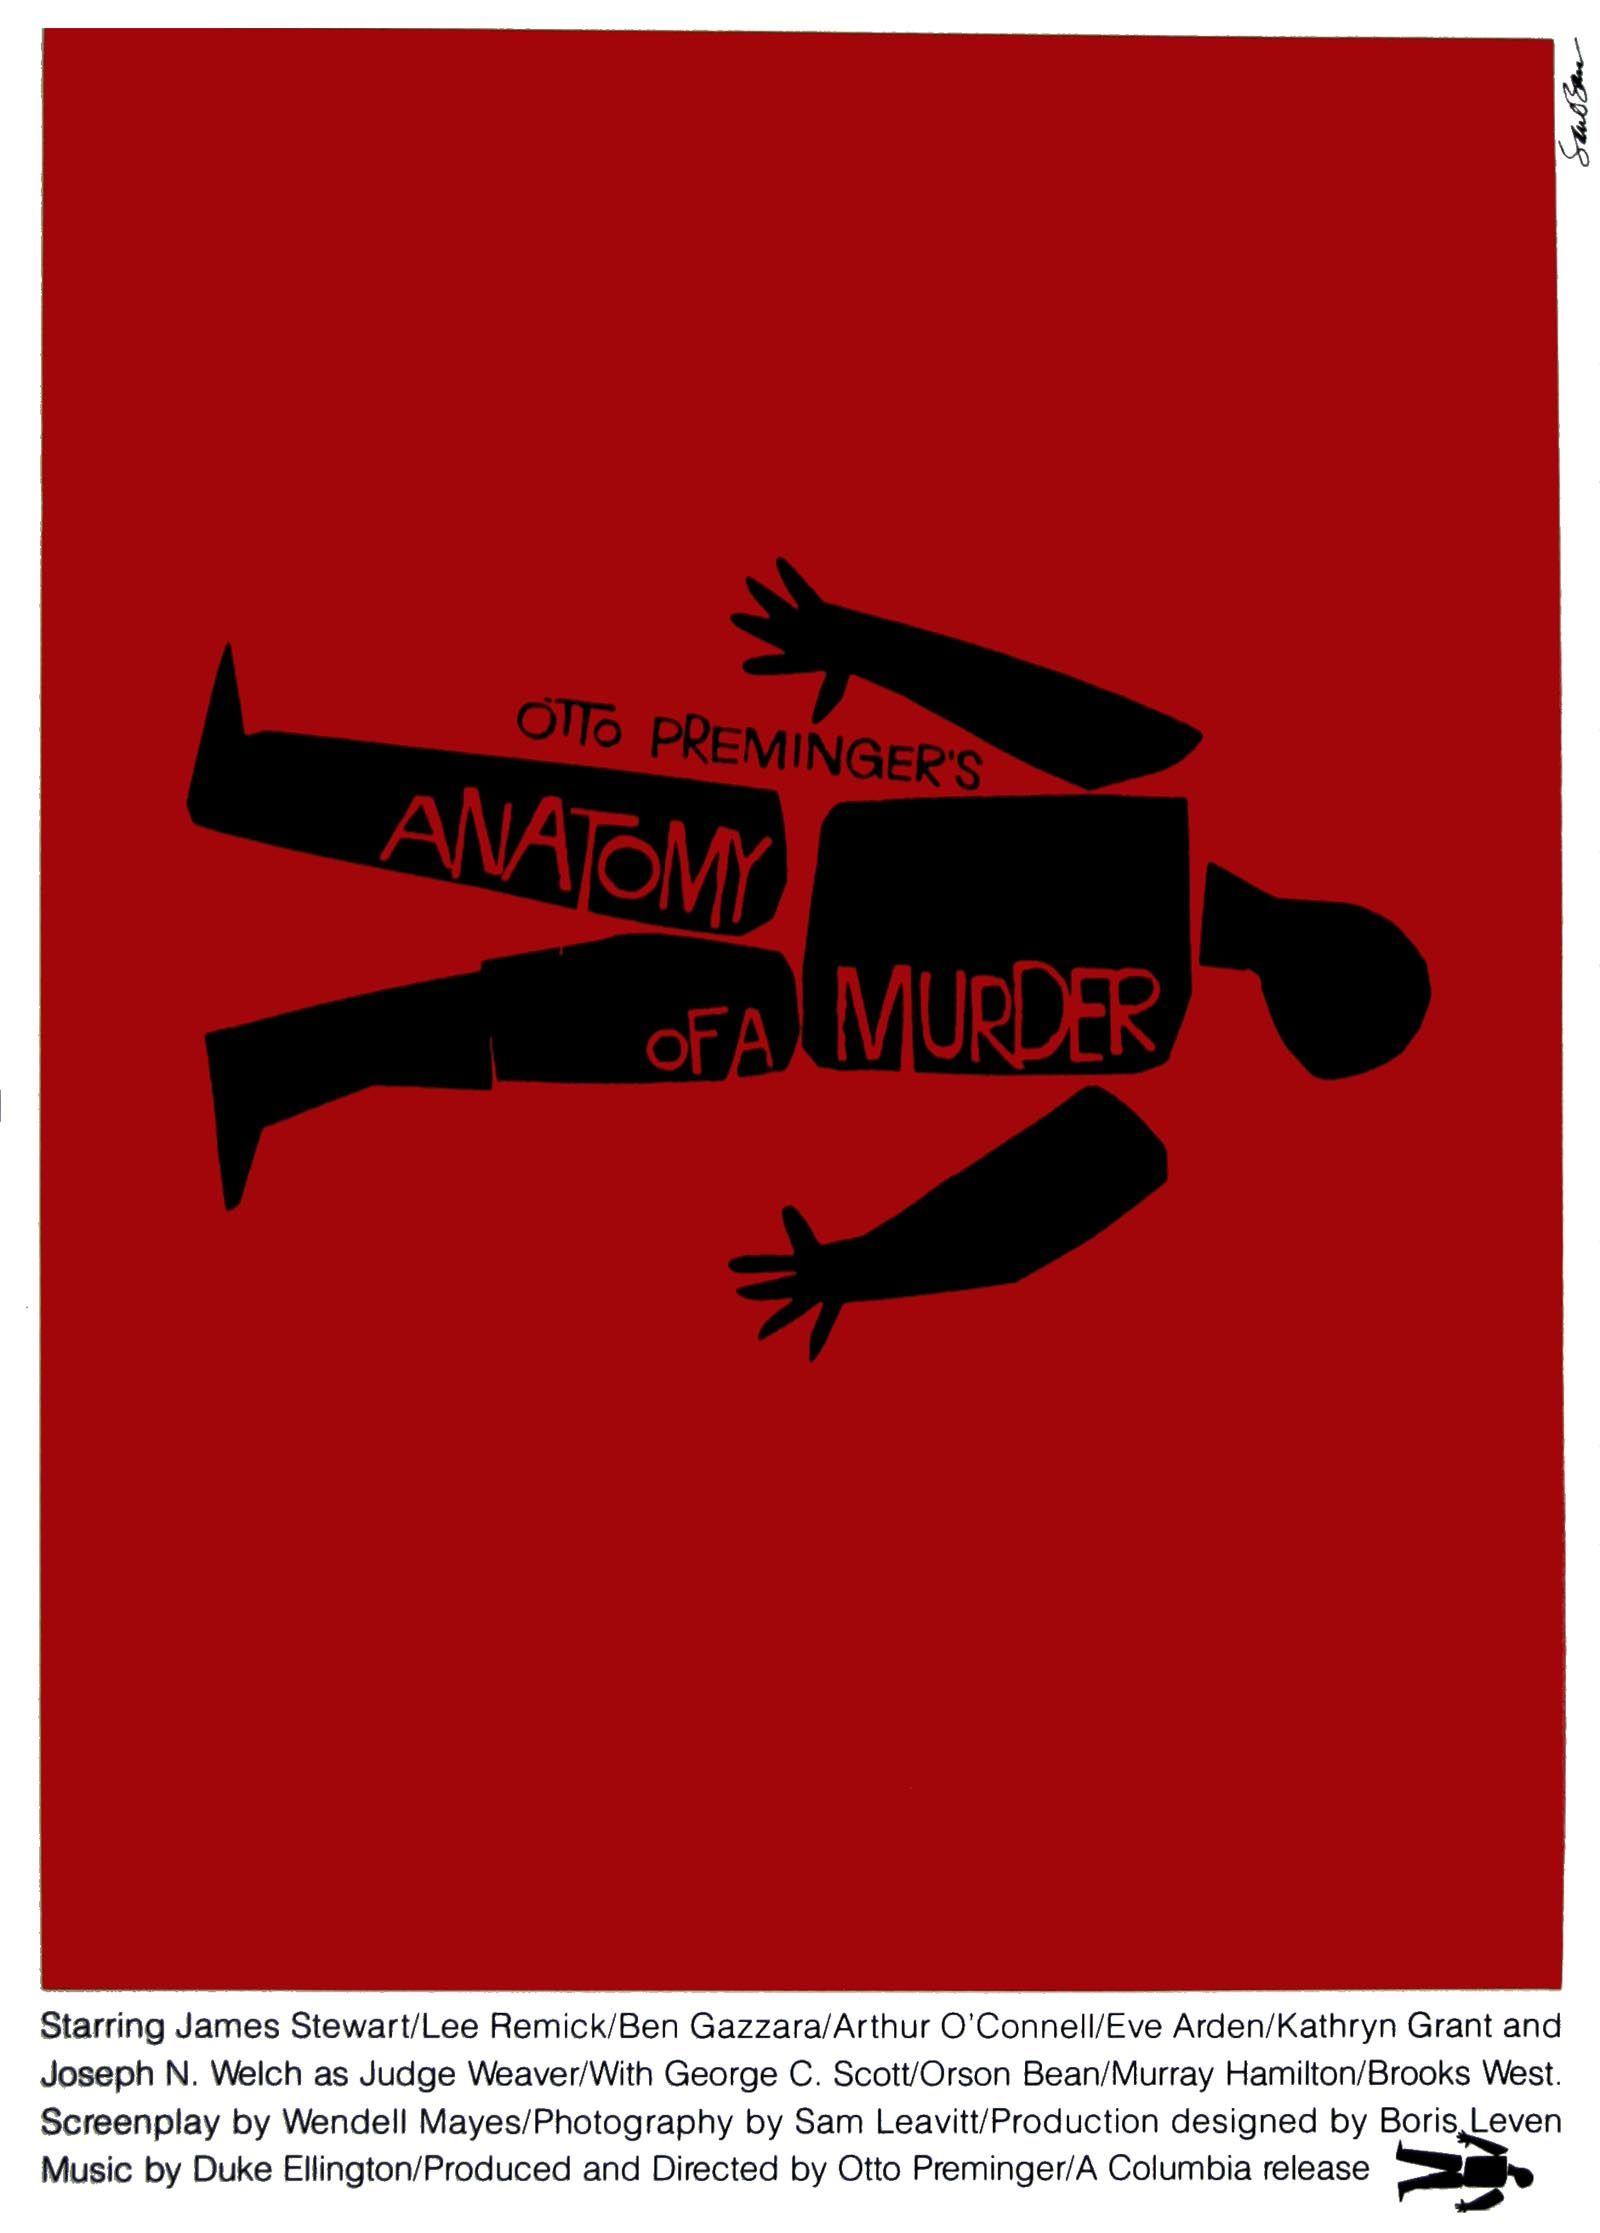 Anatomy Of A Murder | Saul Bass | Pinterest | Saul bass and Bass